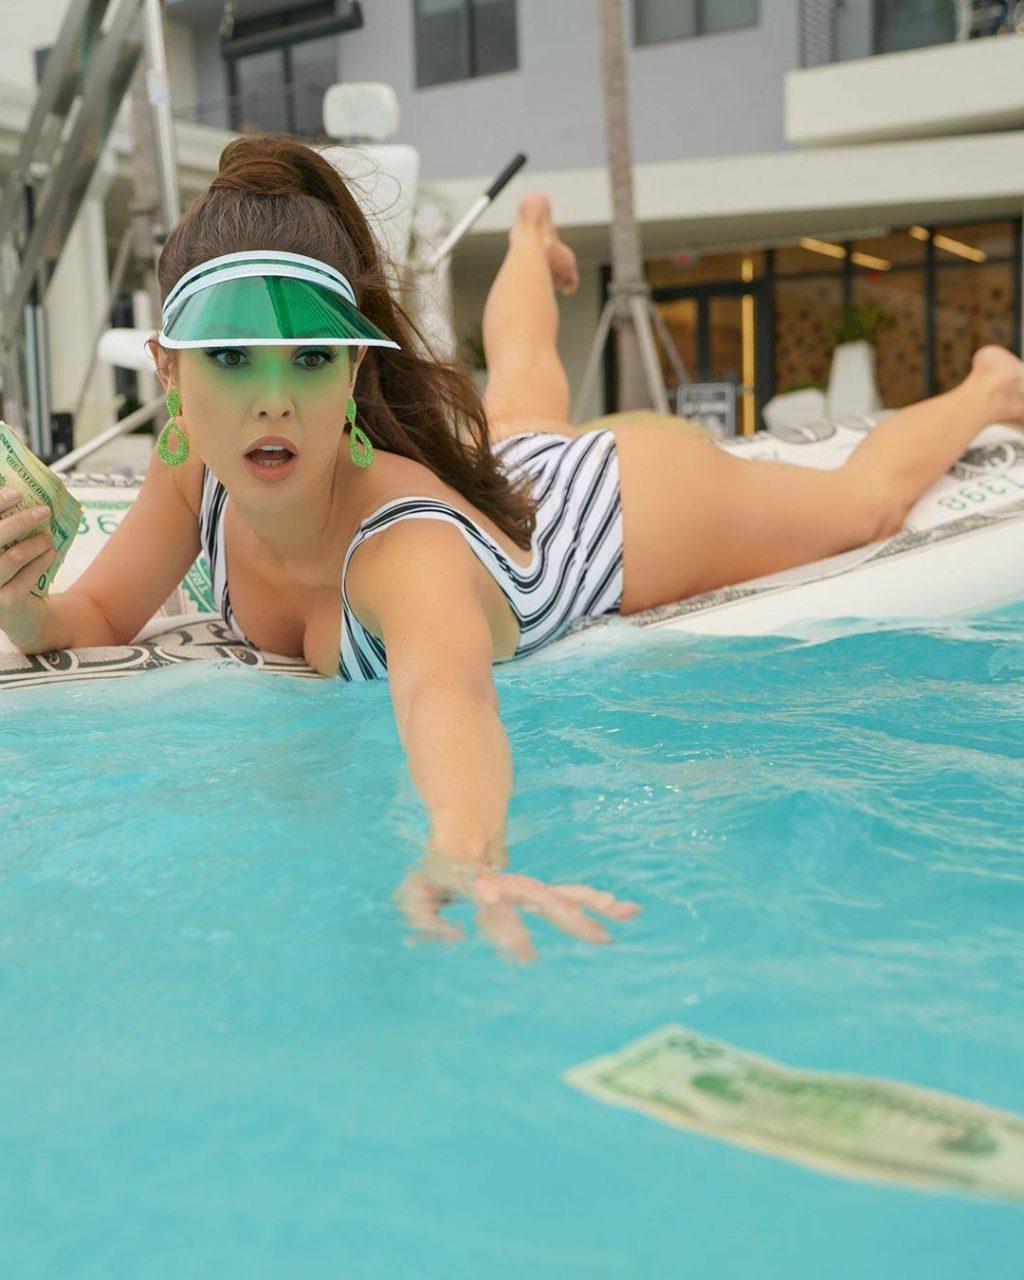 Amanda Cerny Sexy (10 Photos + Video)